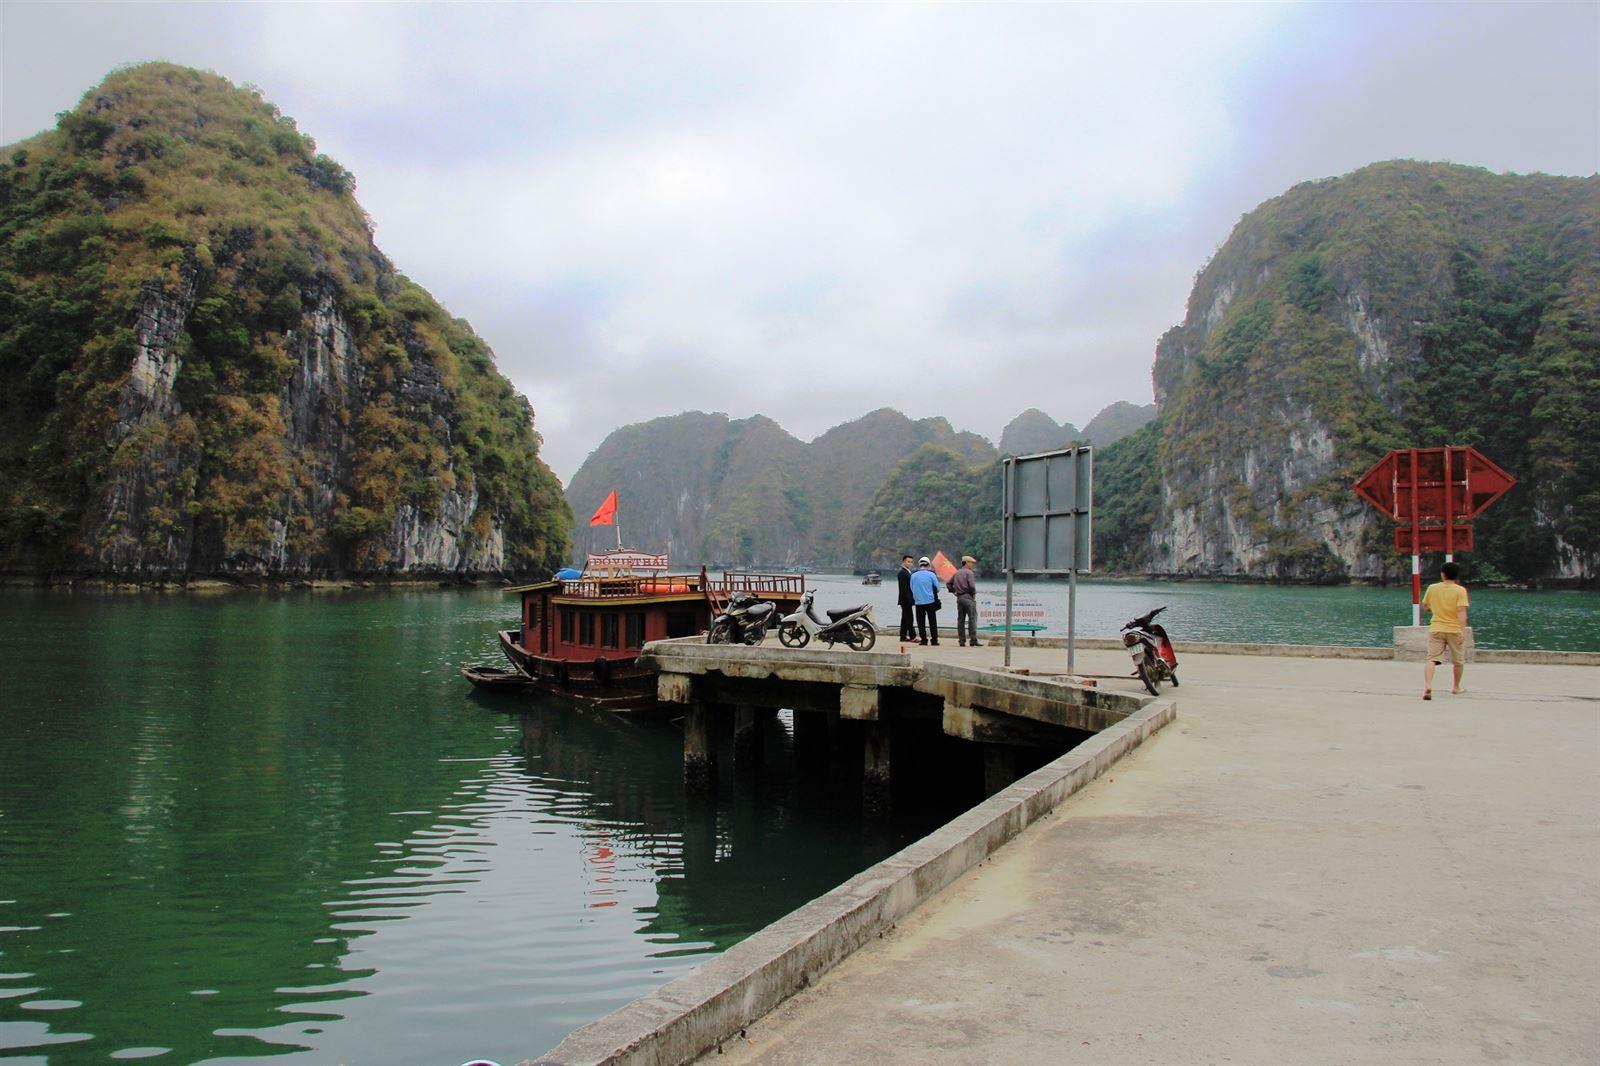 Viet Hai wharf